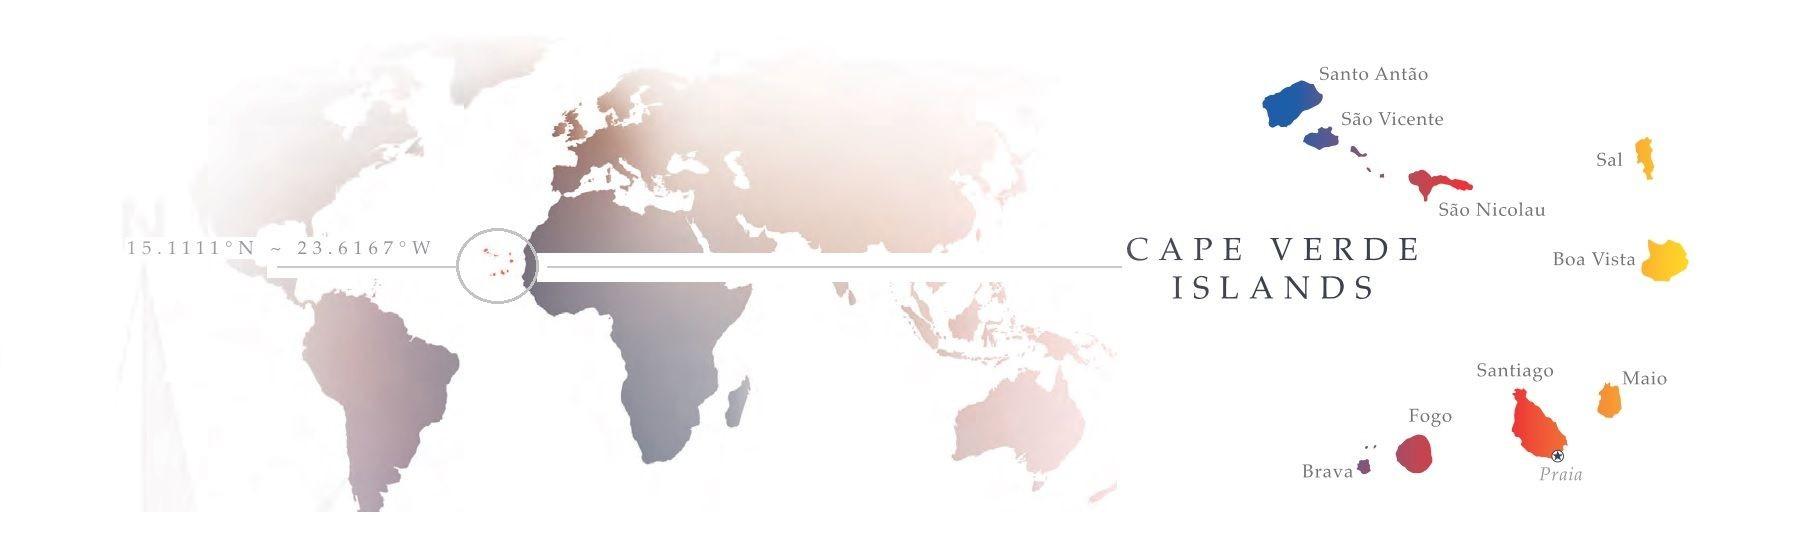 mapa-caboverde.jpg